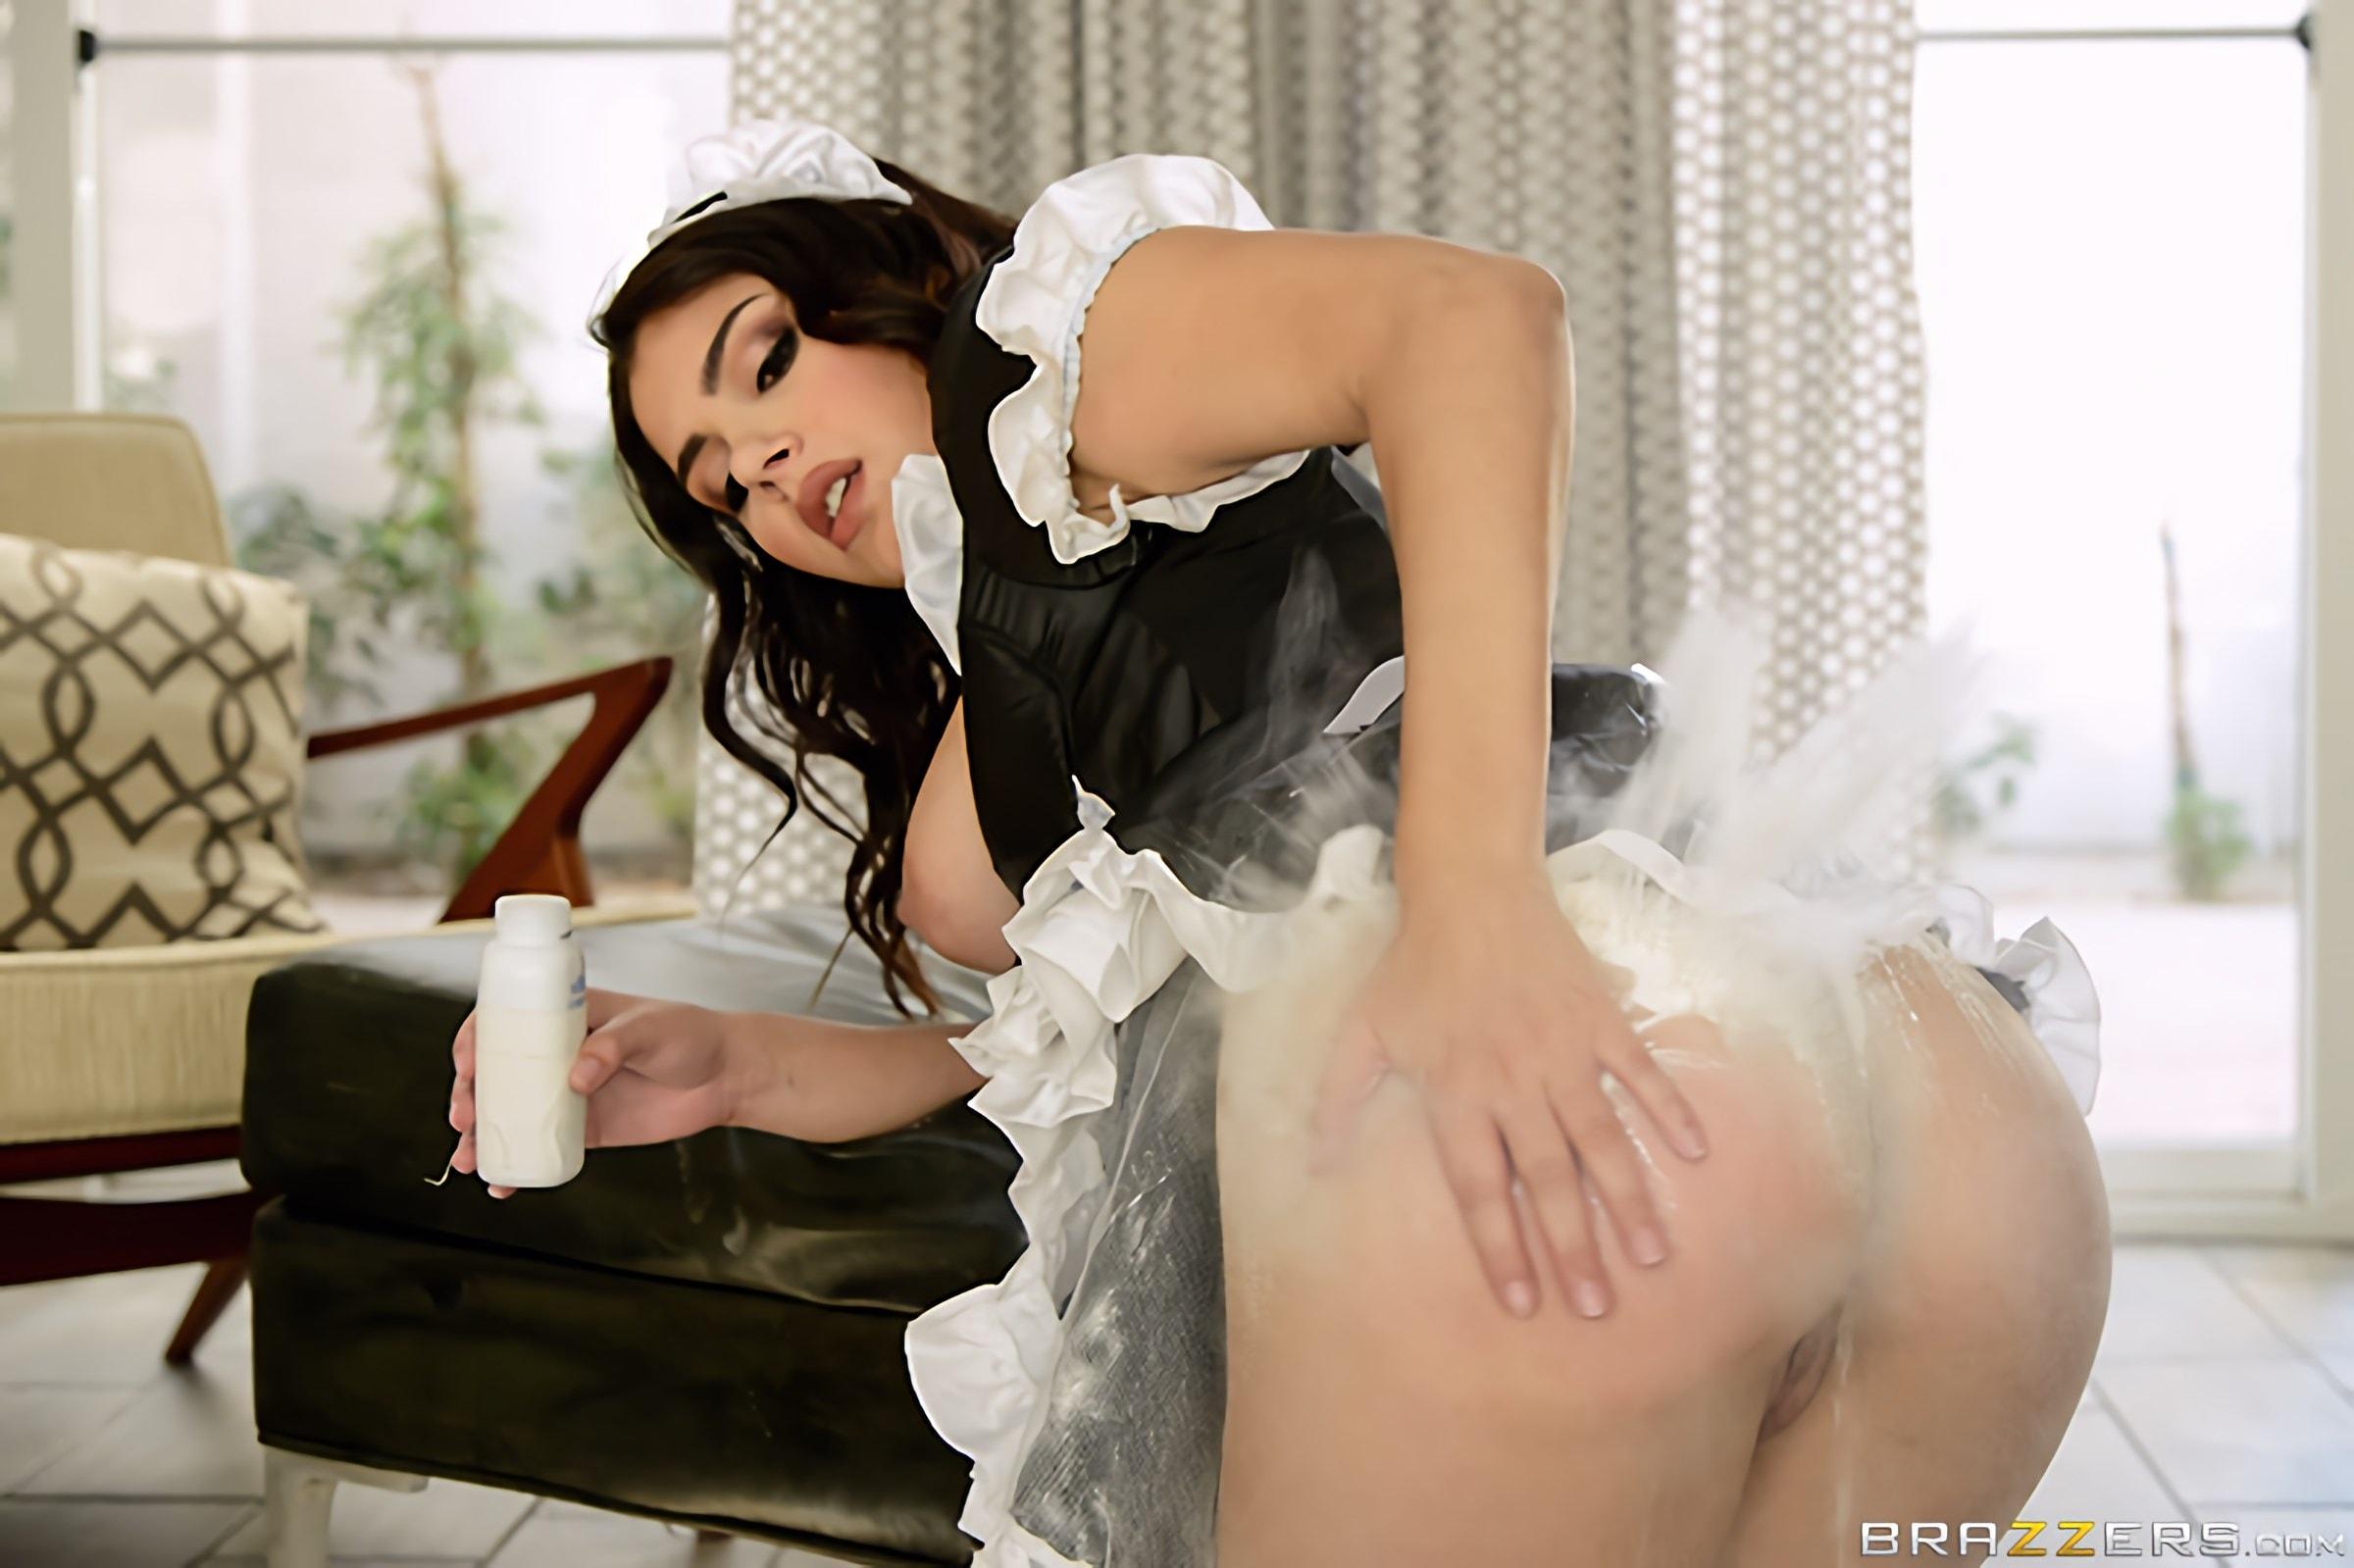 Brazzers 'Scrub That Trunk' starring Valentina Nappi (Photo 12)